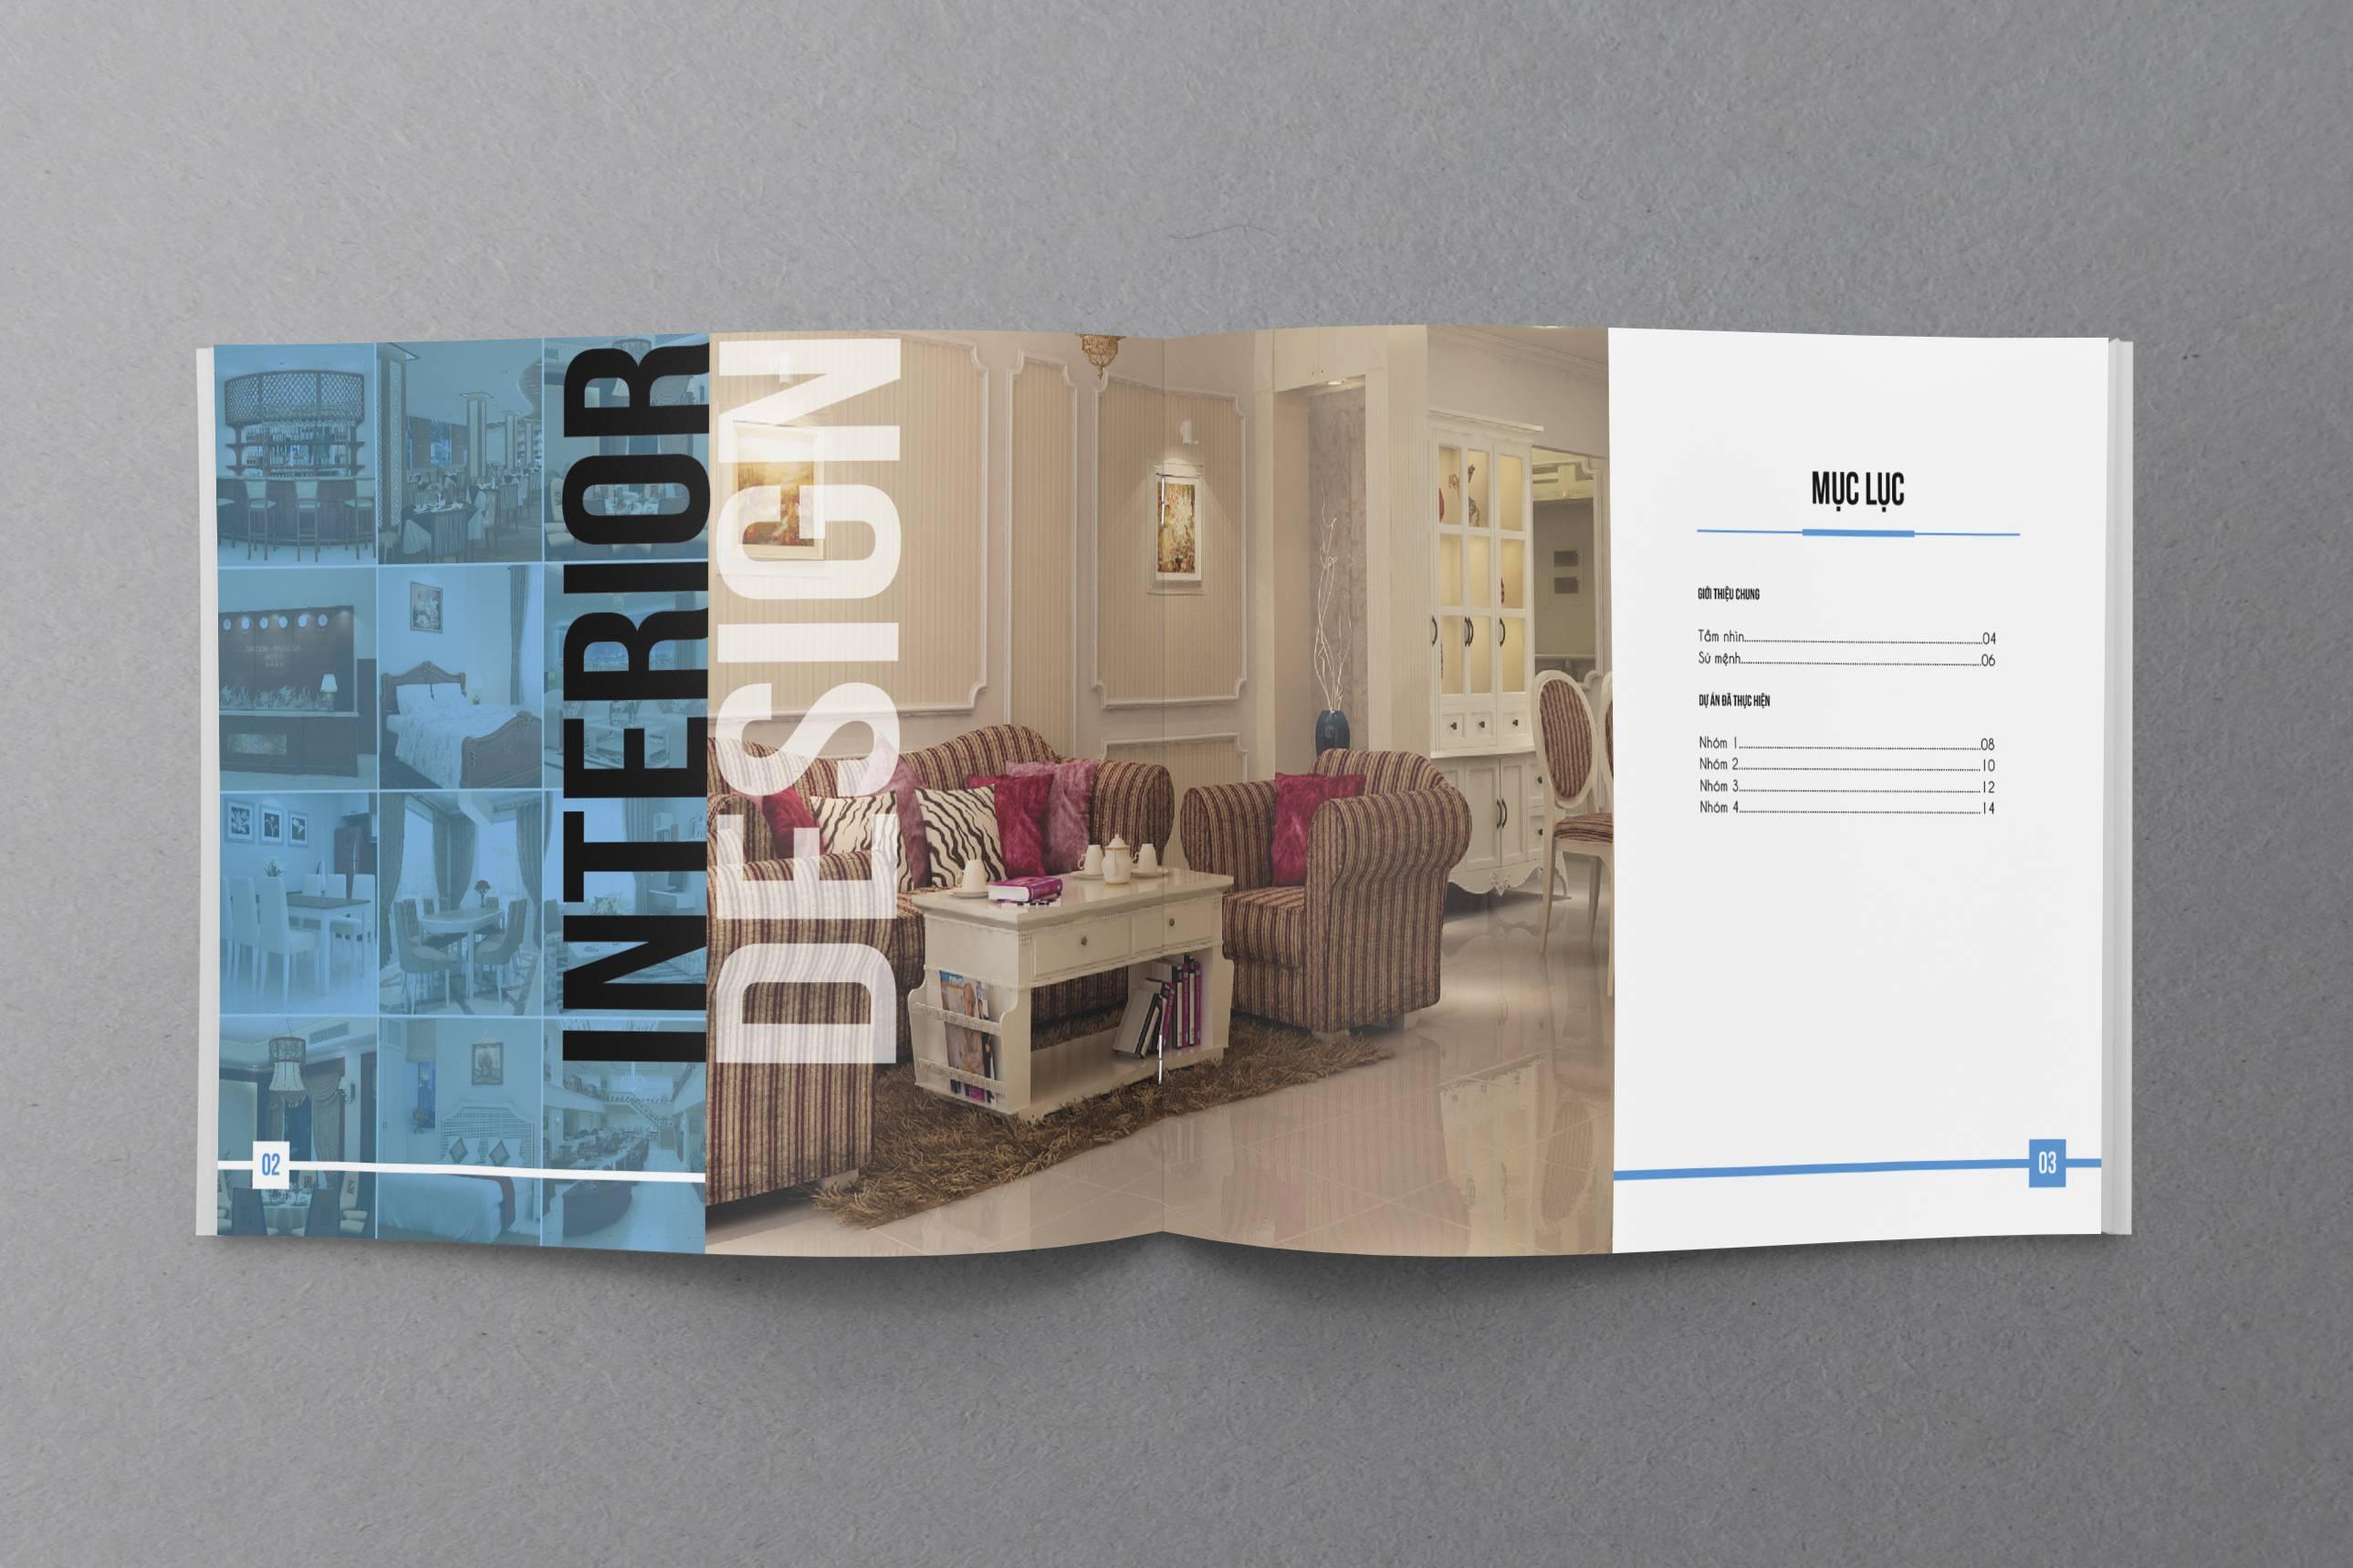 In Catalogue nội thất để phục vụ việc kinh doanh của bạn tốt hơn.